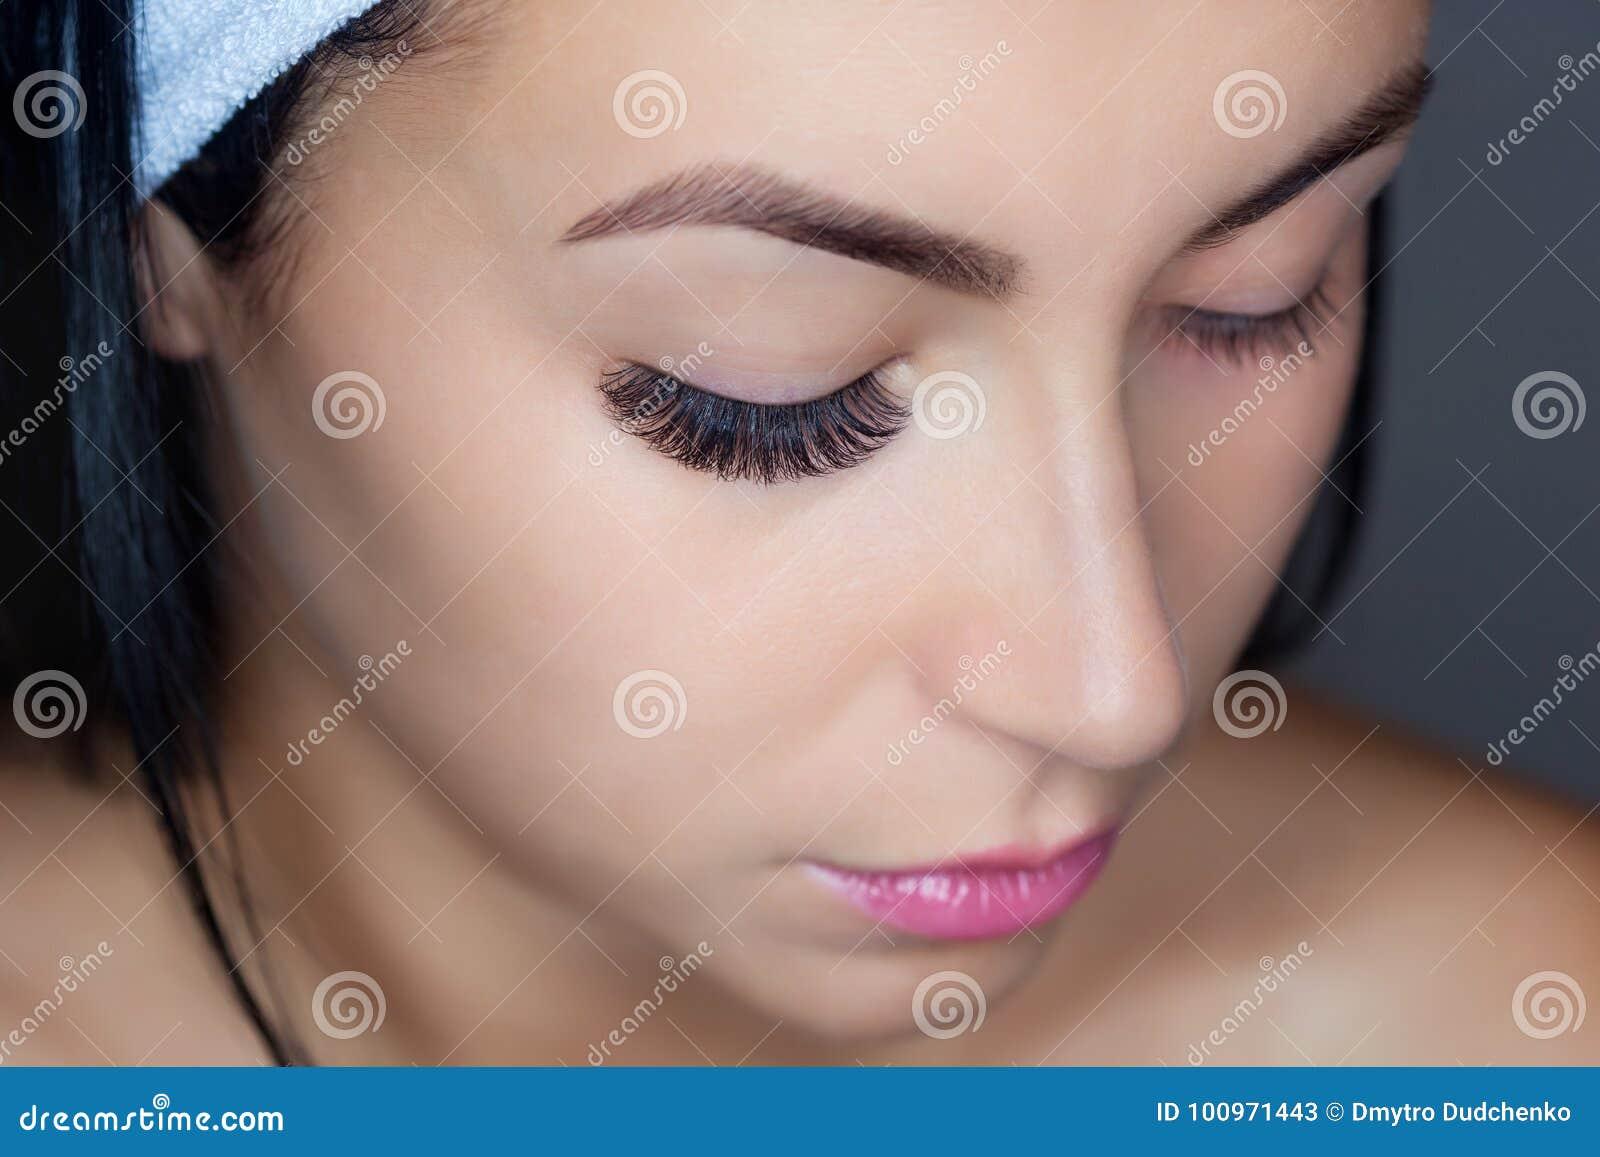 Fin de méthode de dépose de cil  Belle femme avec de longues mèches dans un salon de beauté